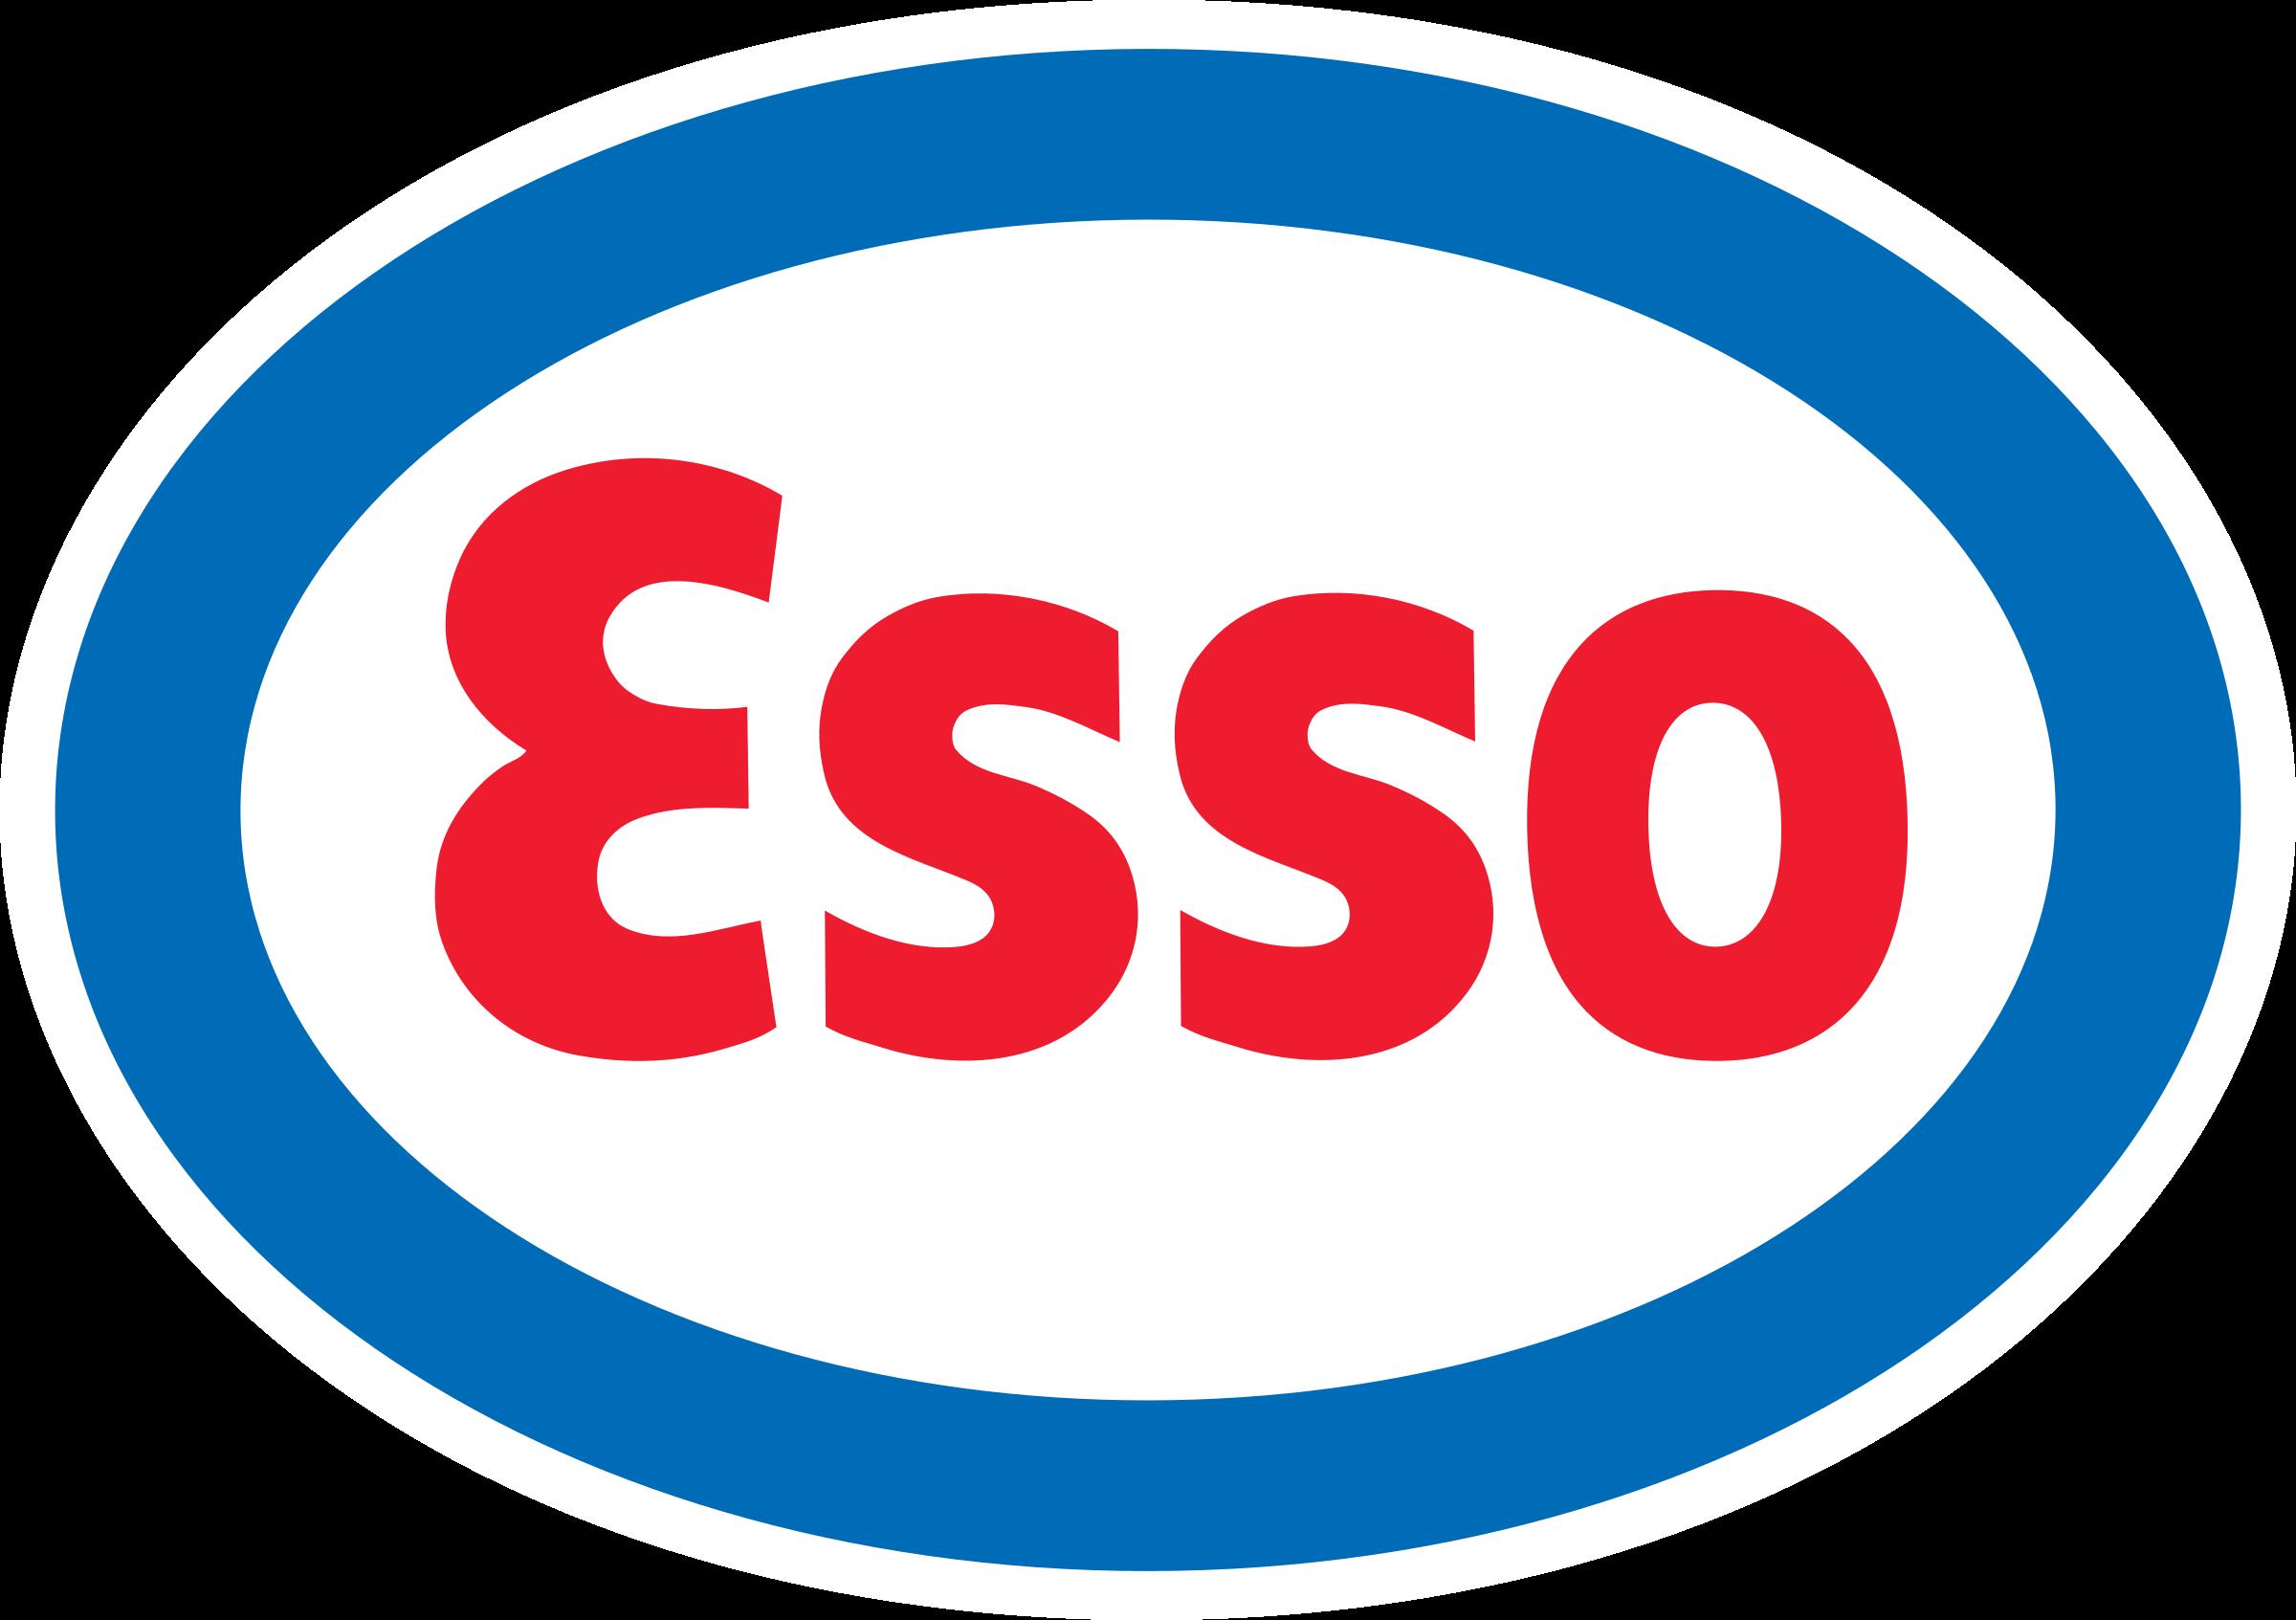 Esso Logo PNG Transparent & SVG Vector.